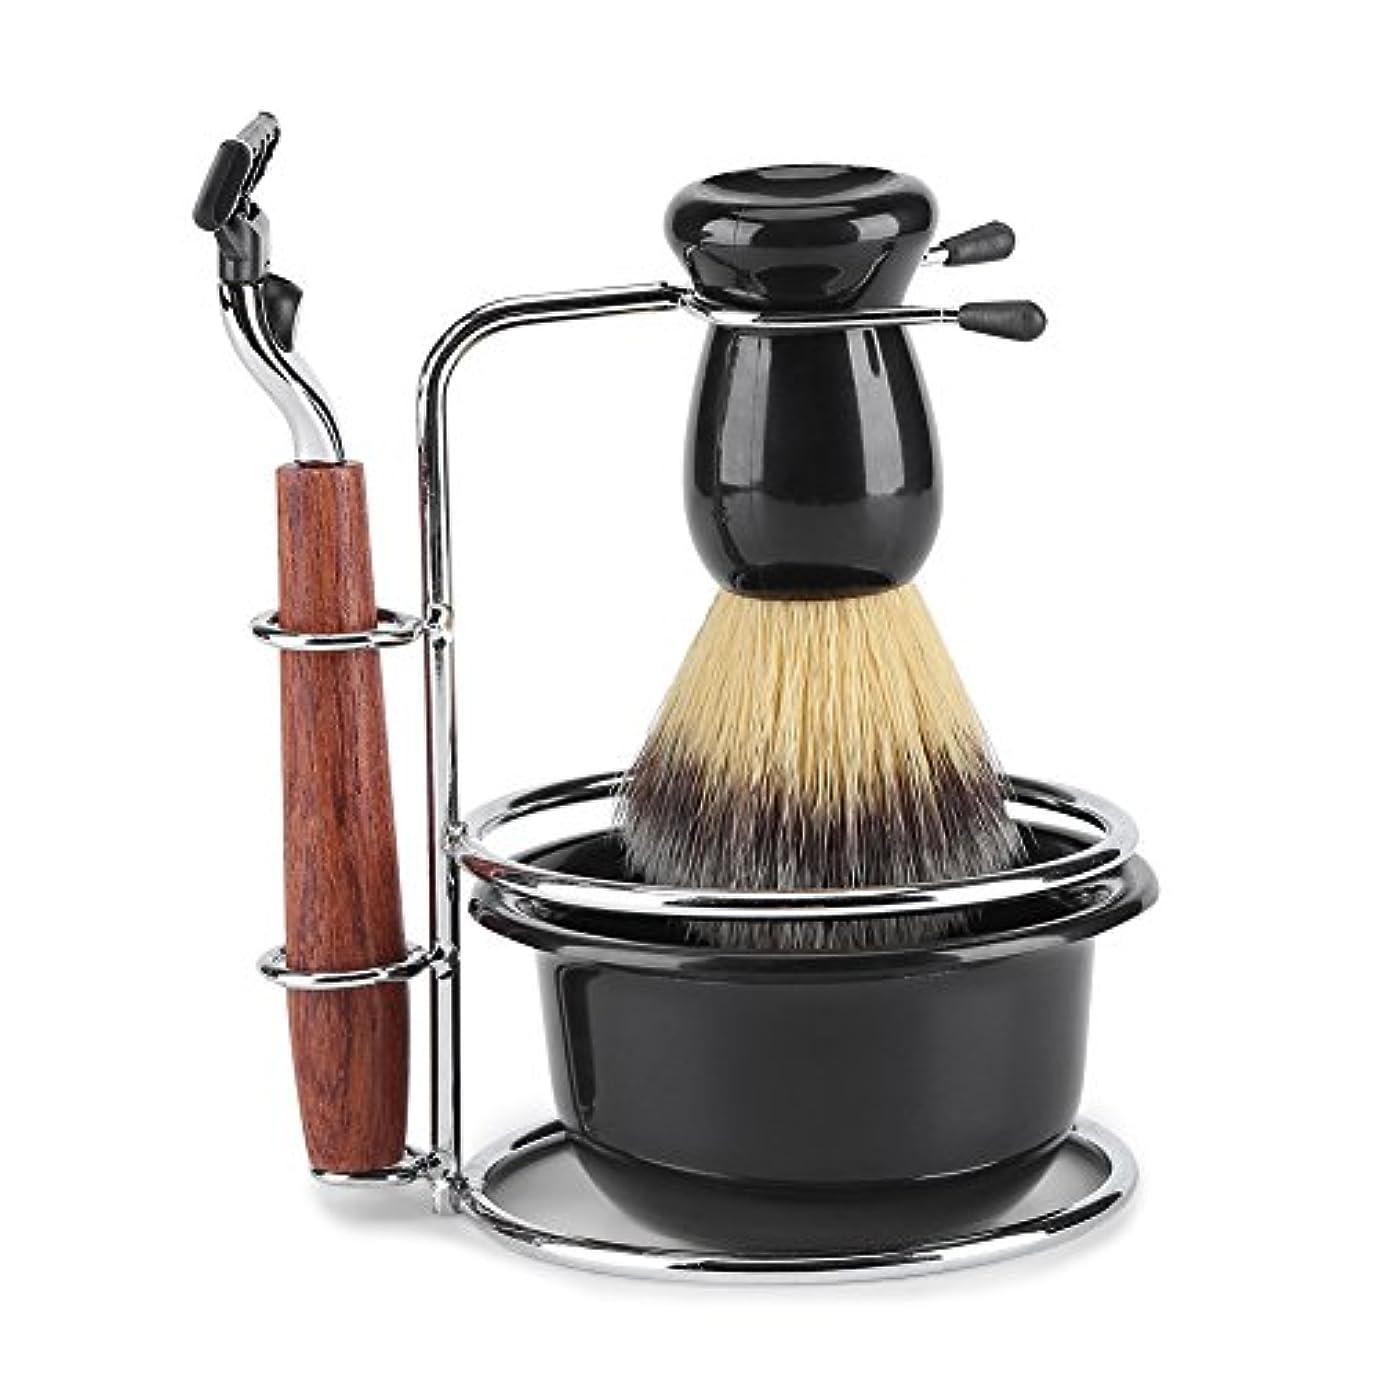 アルコール北流シェービングキット 4-in-1 ひげ剃りツールセット マニュアルスタンドホルダー ウェットシェービングキット ステンレススチール